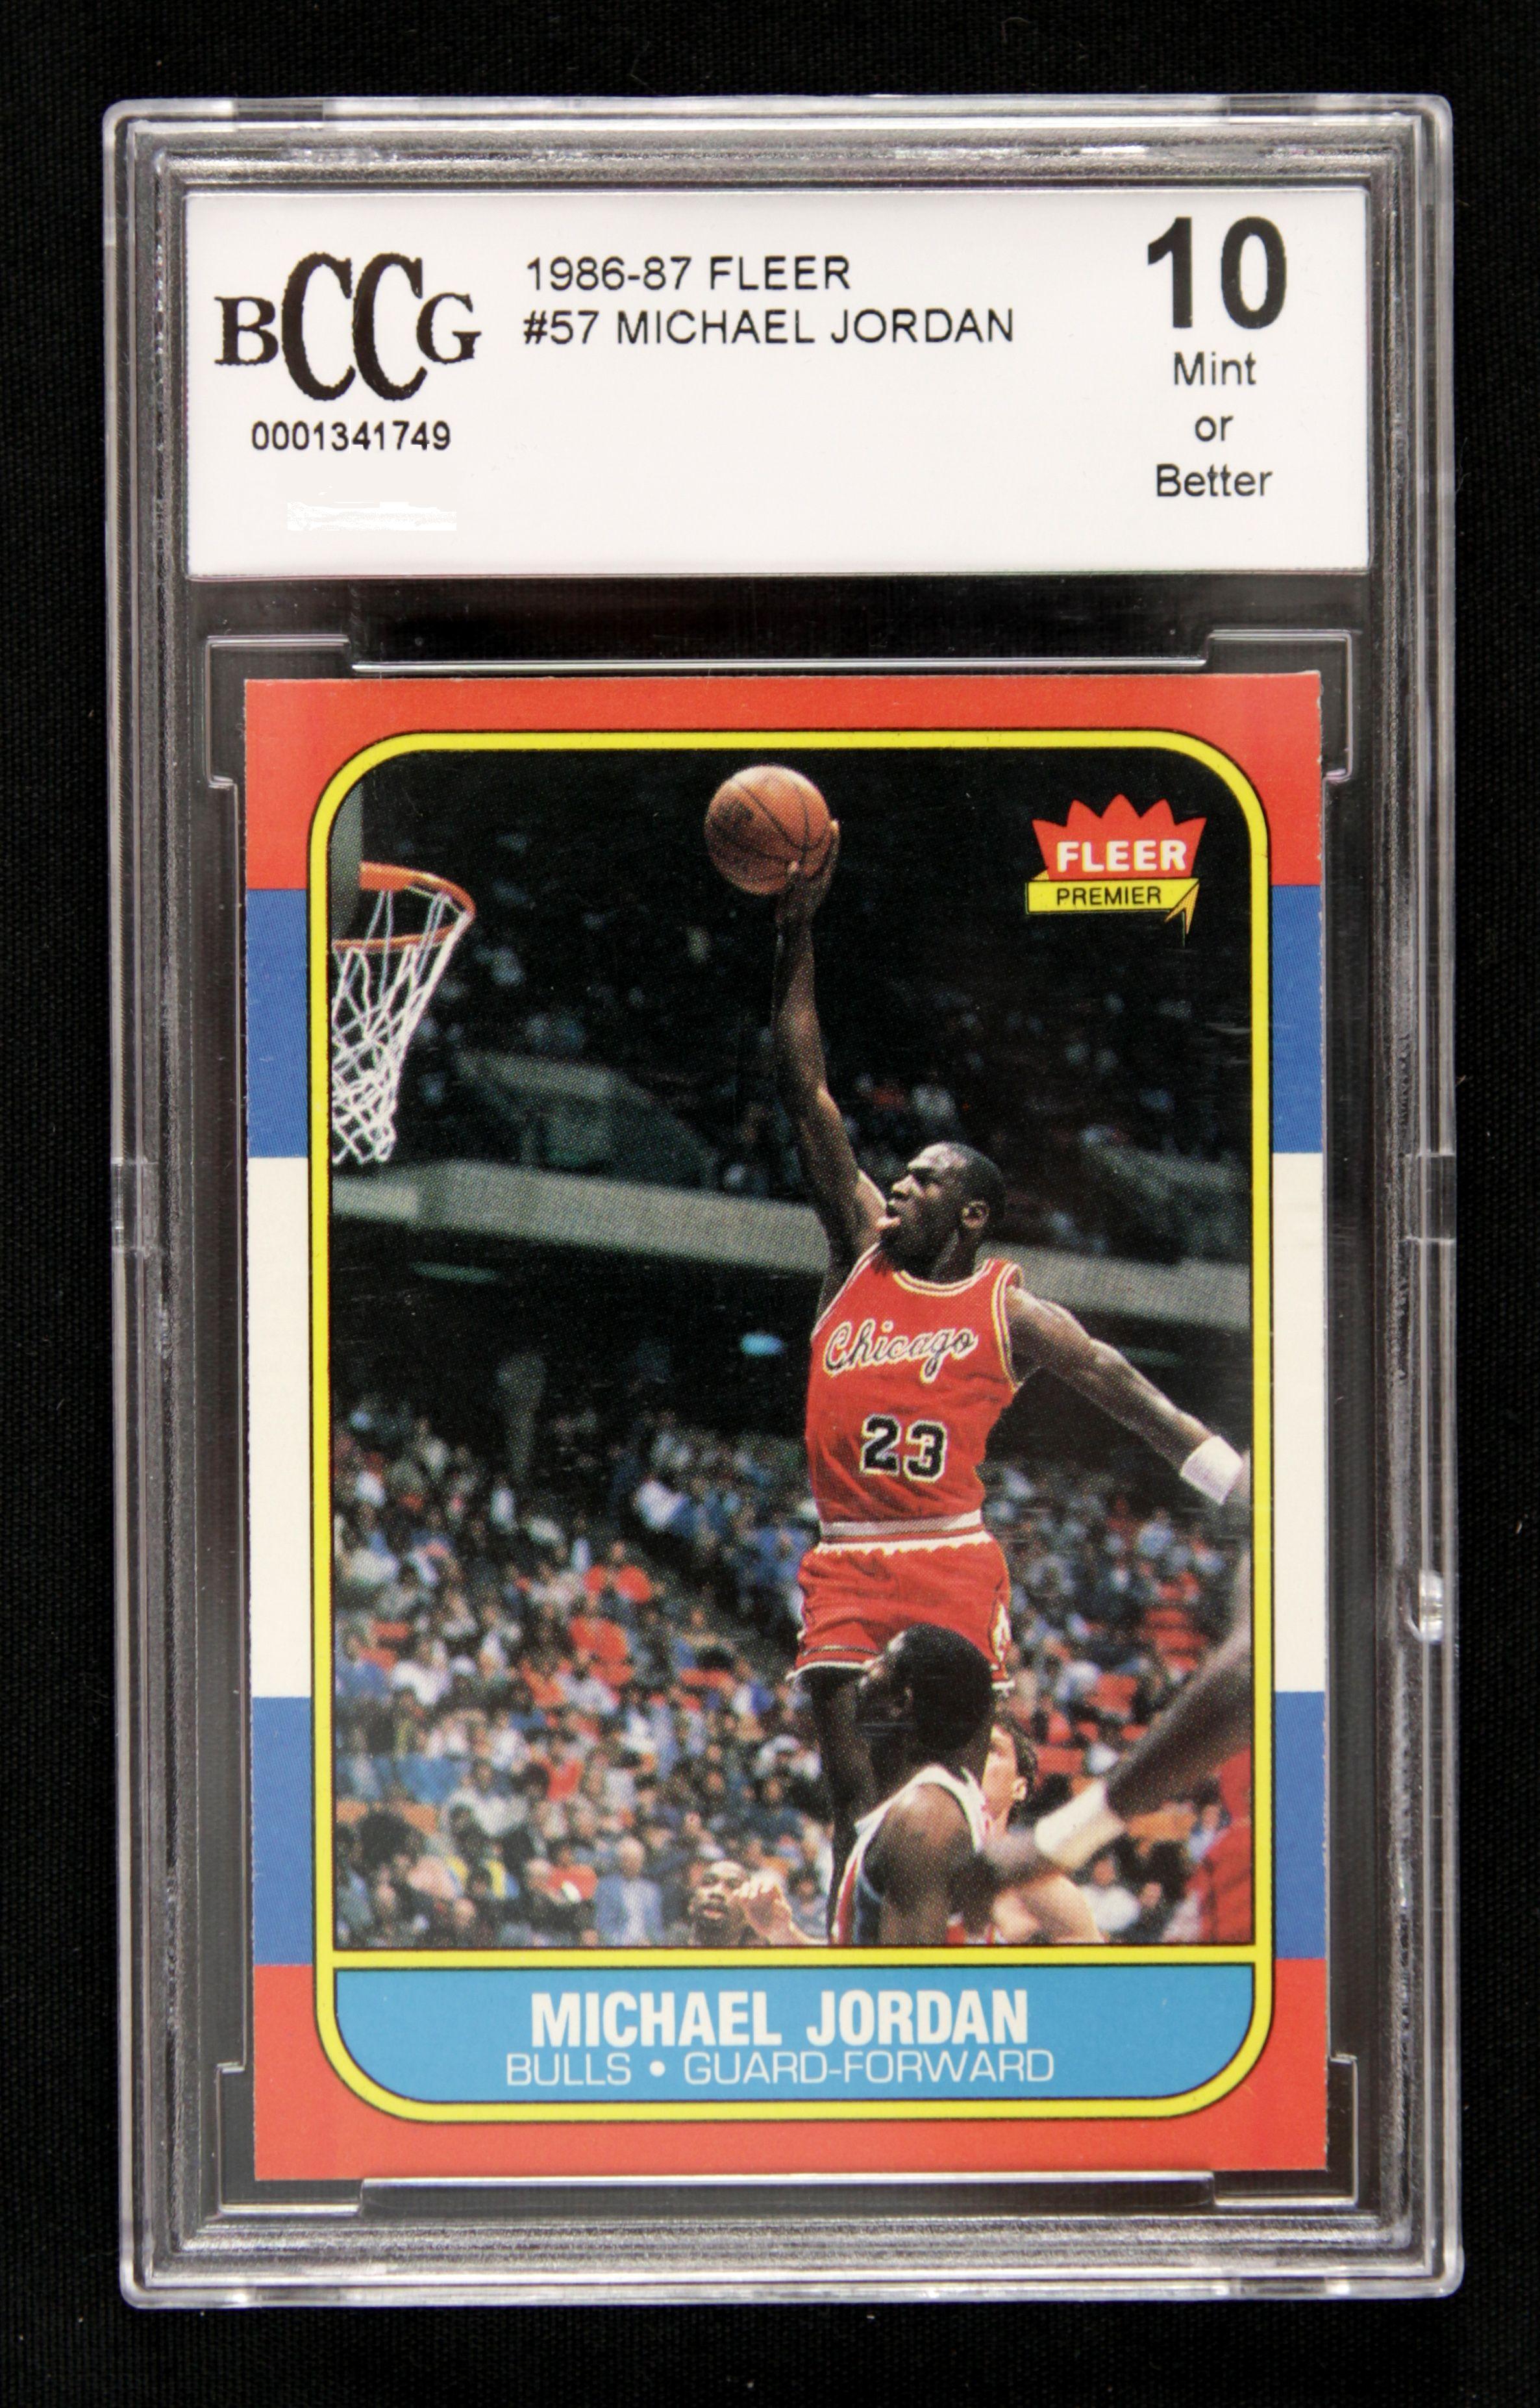 1986-87 Michael Jordan FLEER ROOKIE CARD BCCG Graded 10